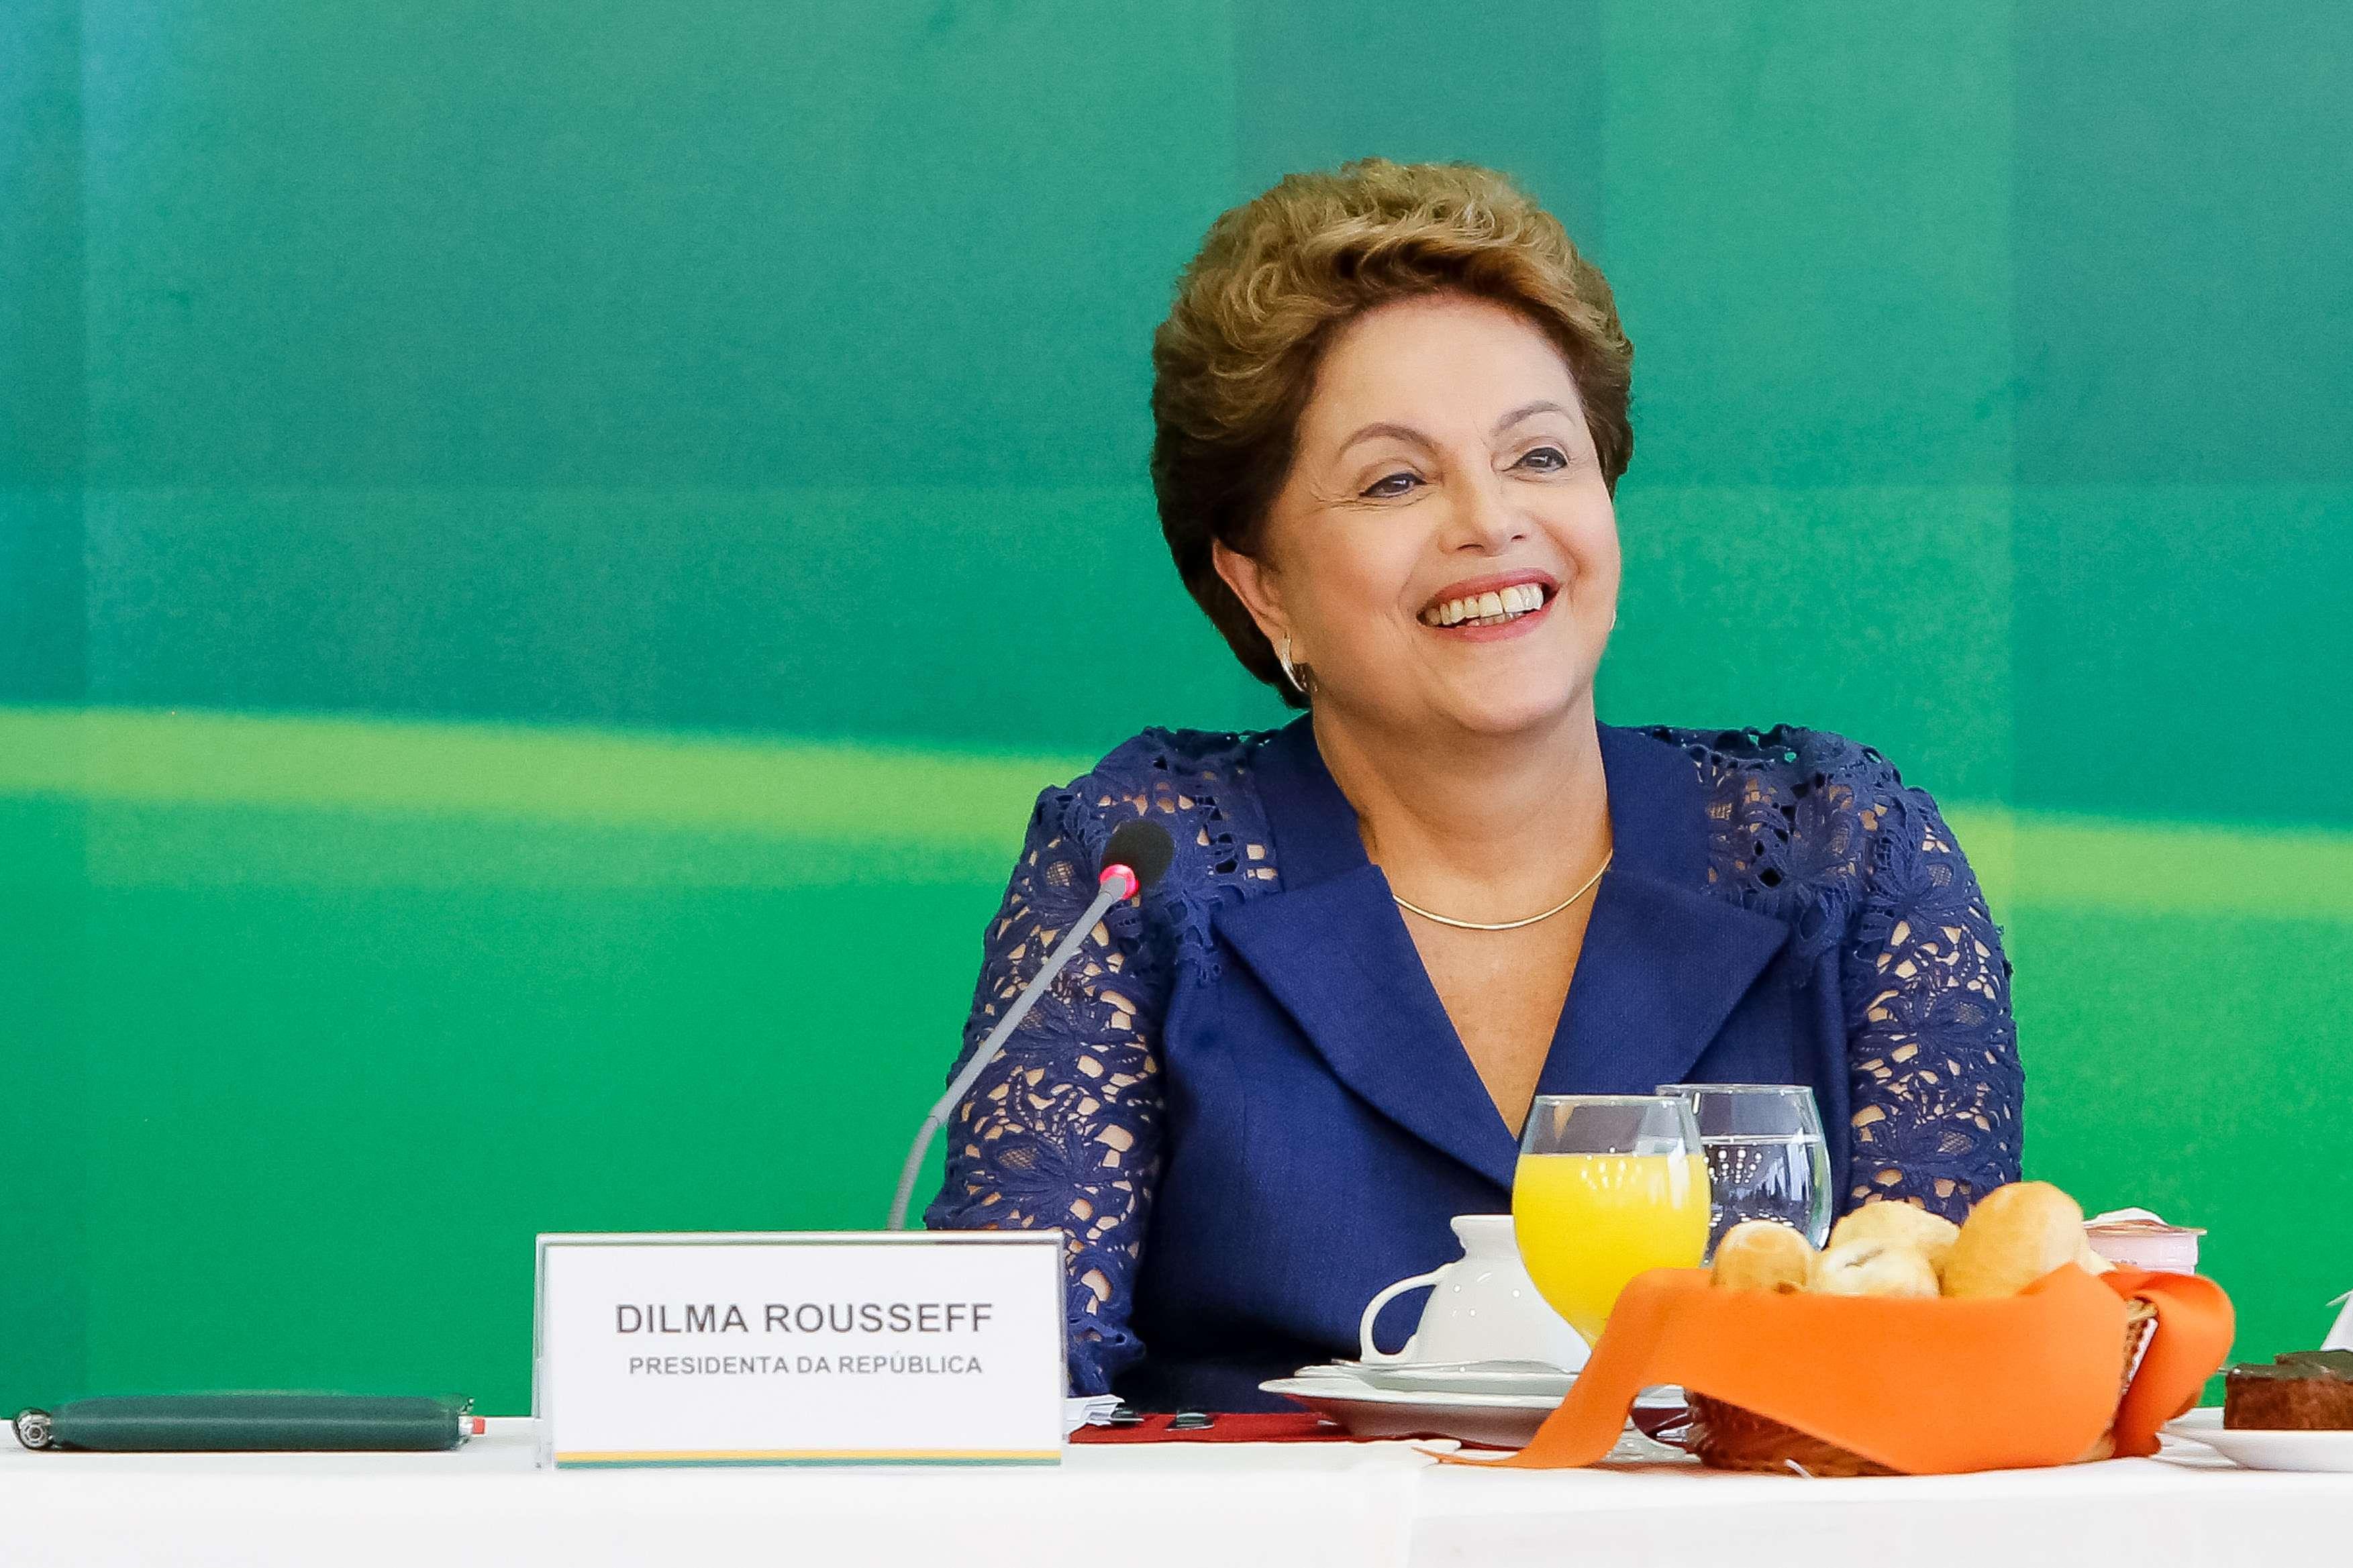 Dilma falou com jornalistas nesta segunda-feira Foto: Roberto Stuckert Filho/Presidência da República